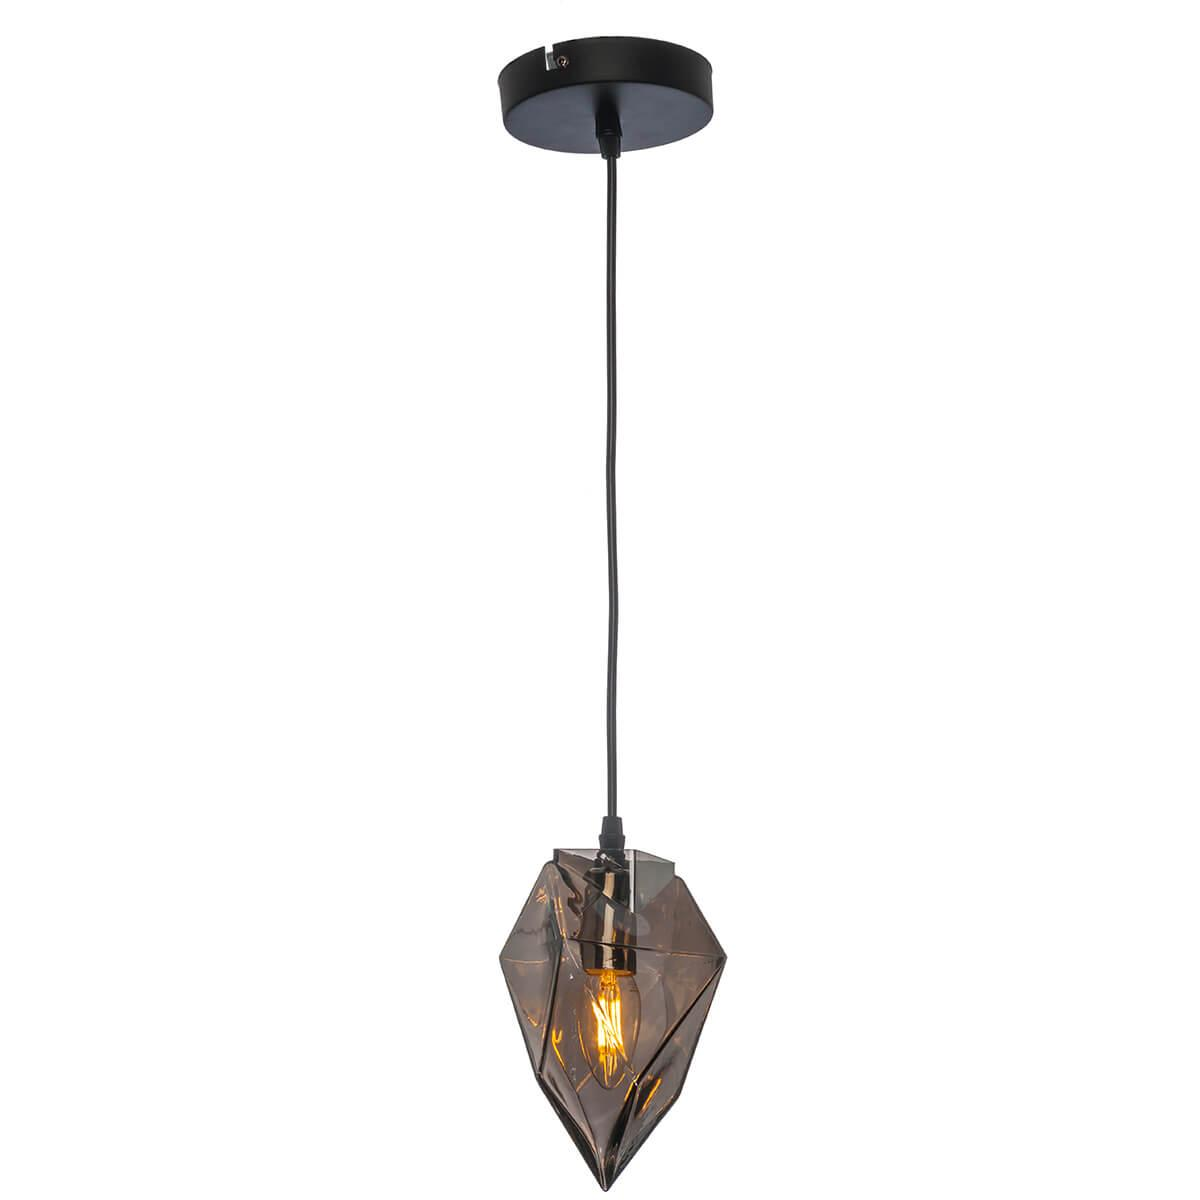 Подвесной светильник Vele Luce Cassiopea VL1152P01 подвесной светильник vele luce tramonto vl1664p01